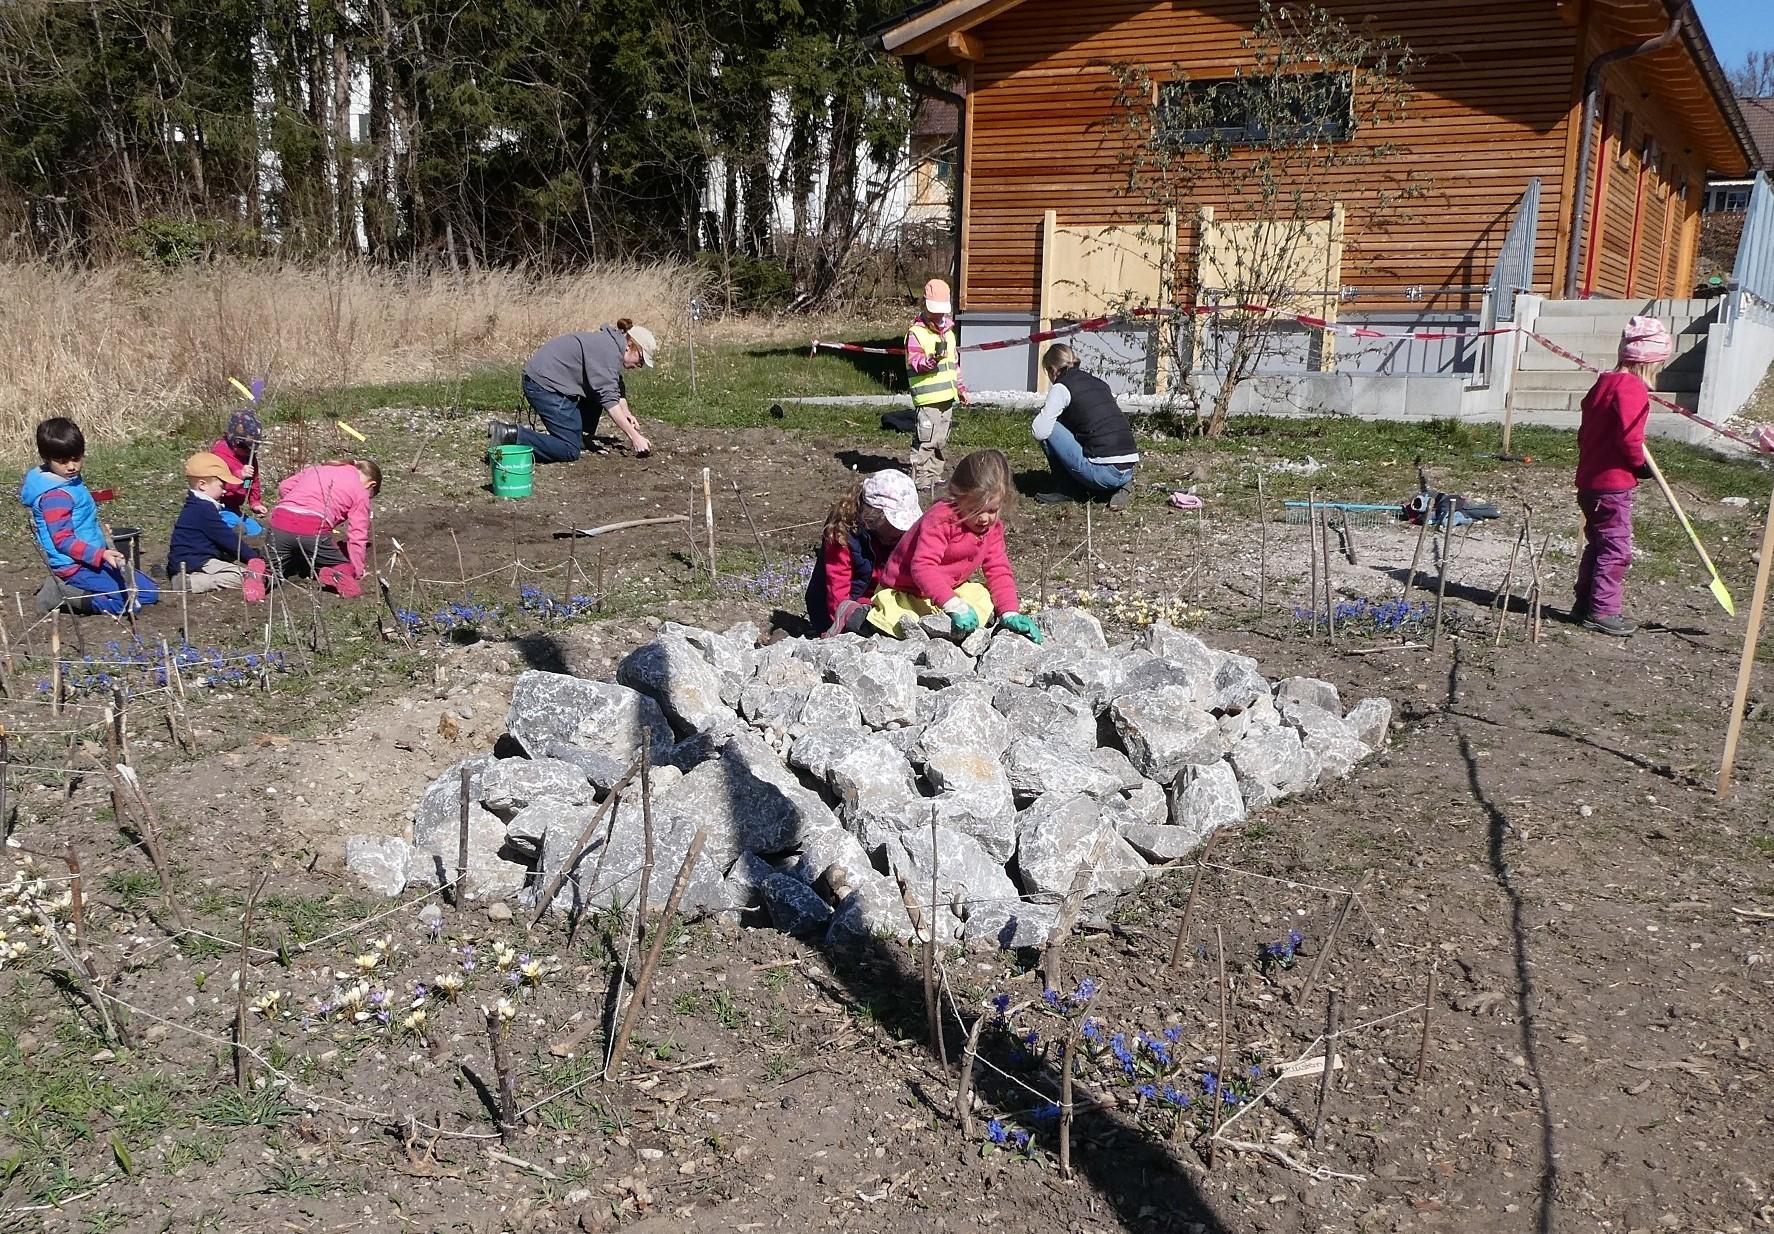 Gartenarbeit für einen guten Zweck